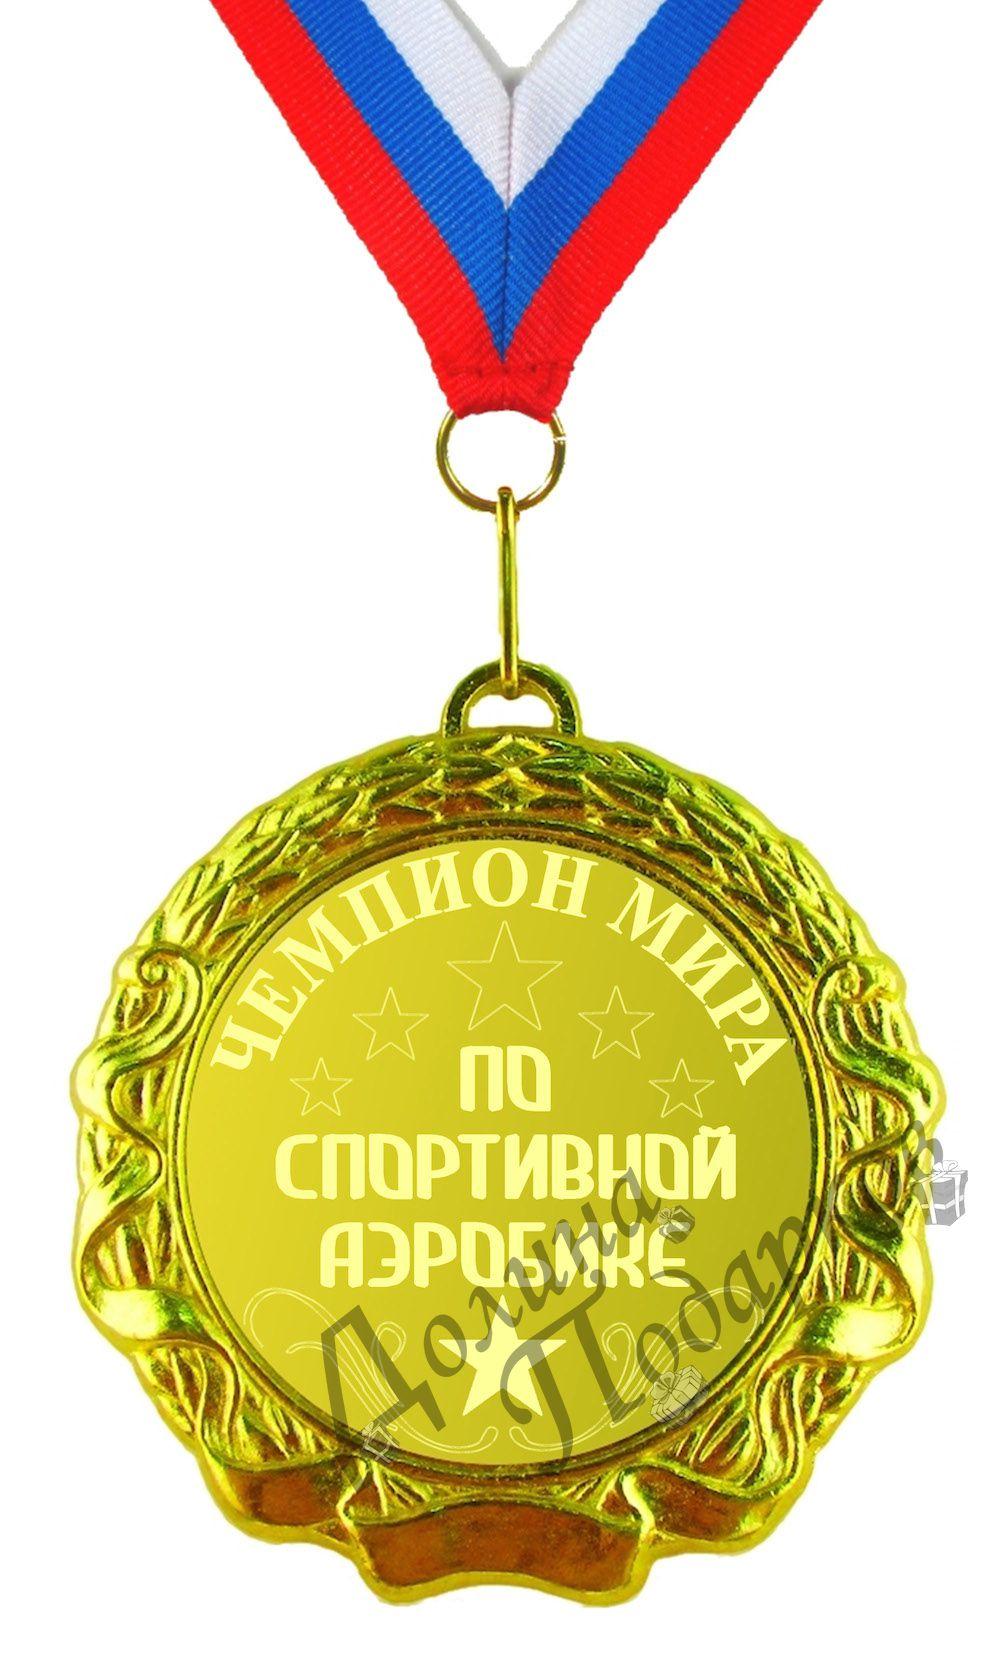 Купить Медаль *Чемпион мира по спортивной аэробике* в интернет-магазине подарков. Огромный выбор необычных подарков и сувениров широкого ценового диапазона!